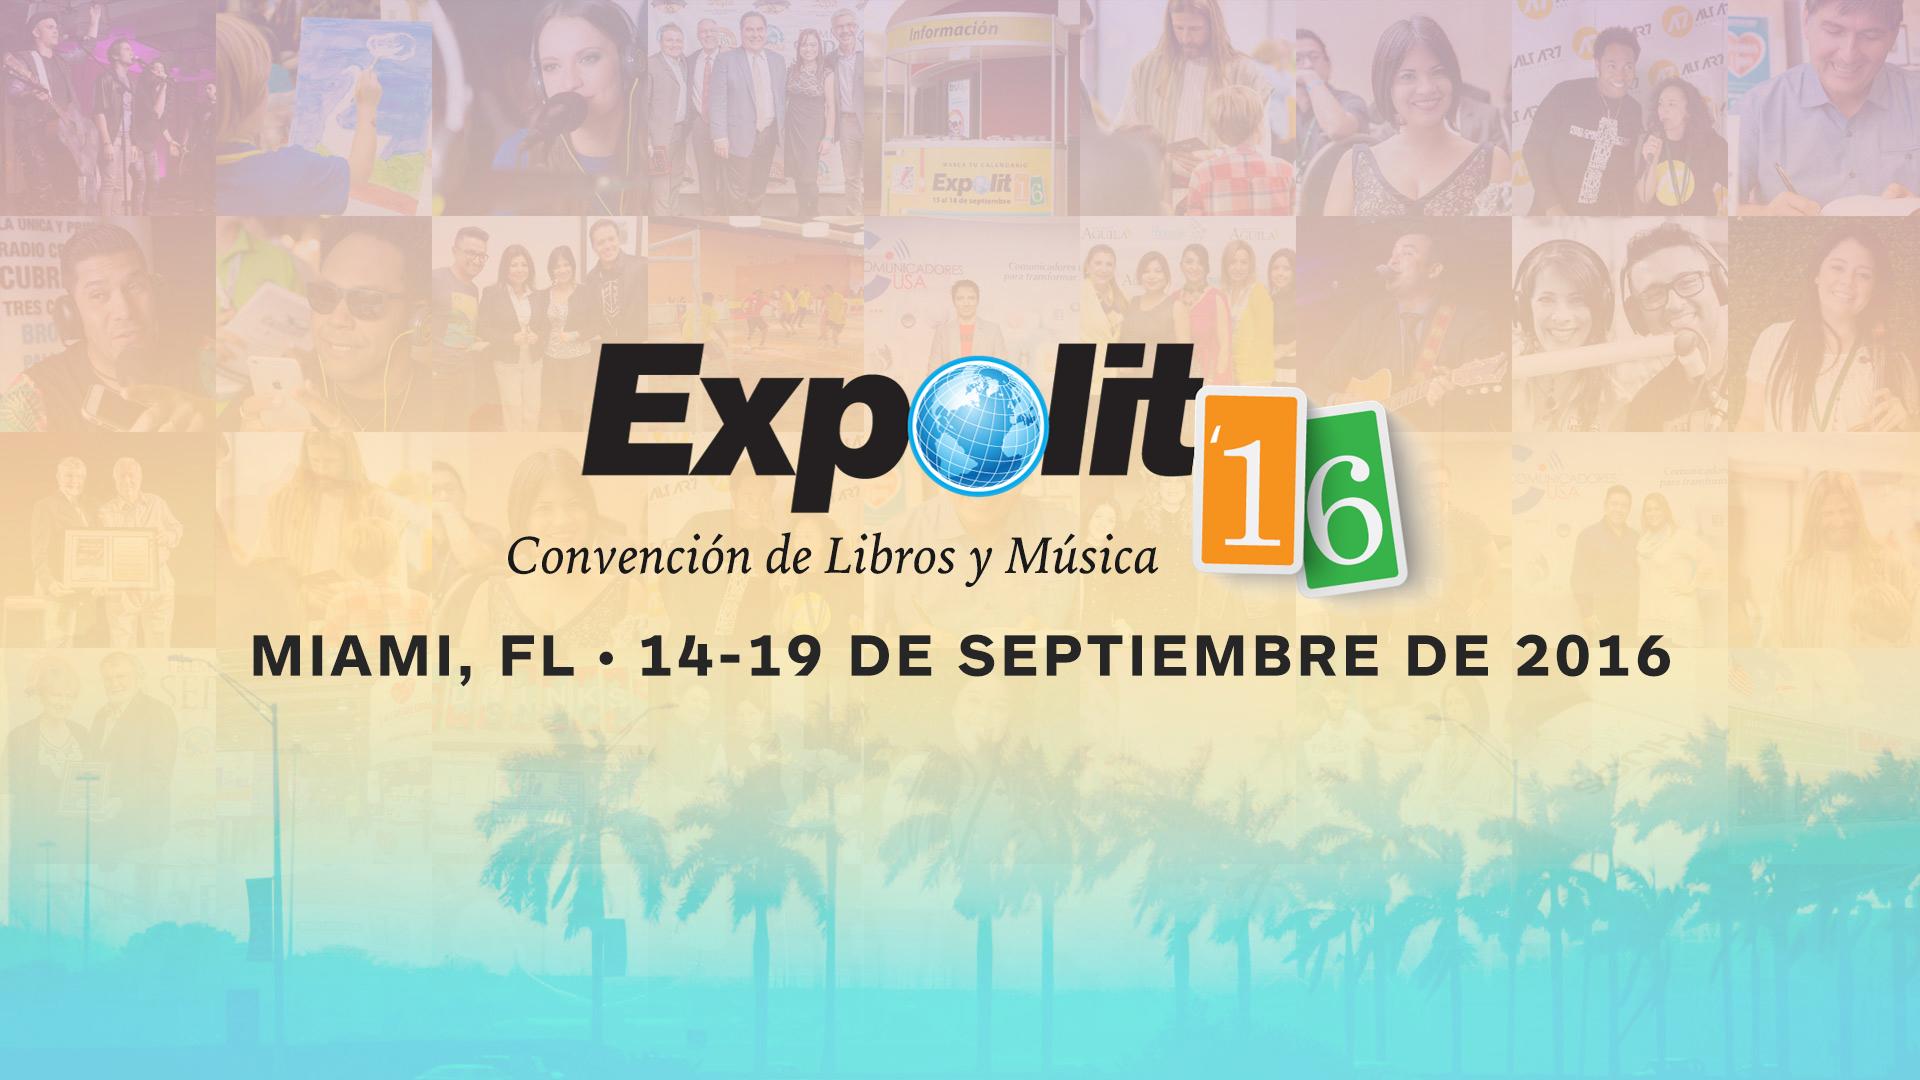 UEA_events_expolit2016